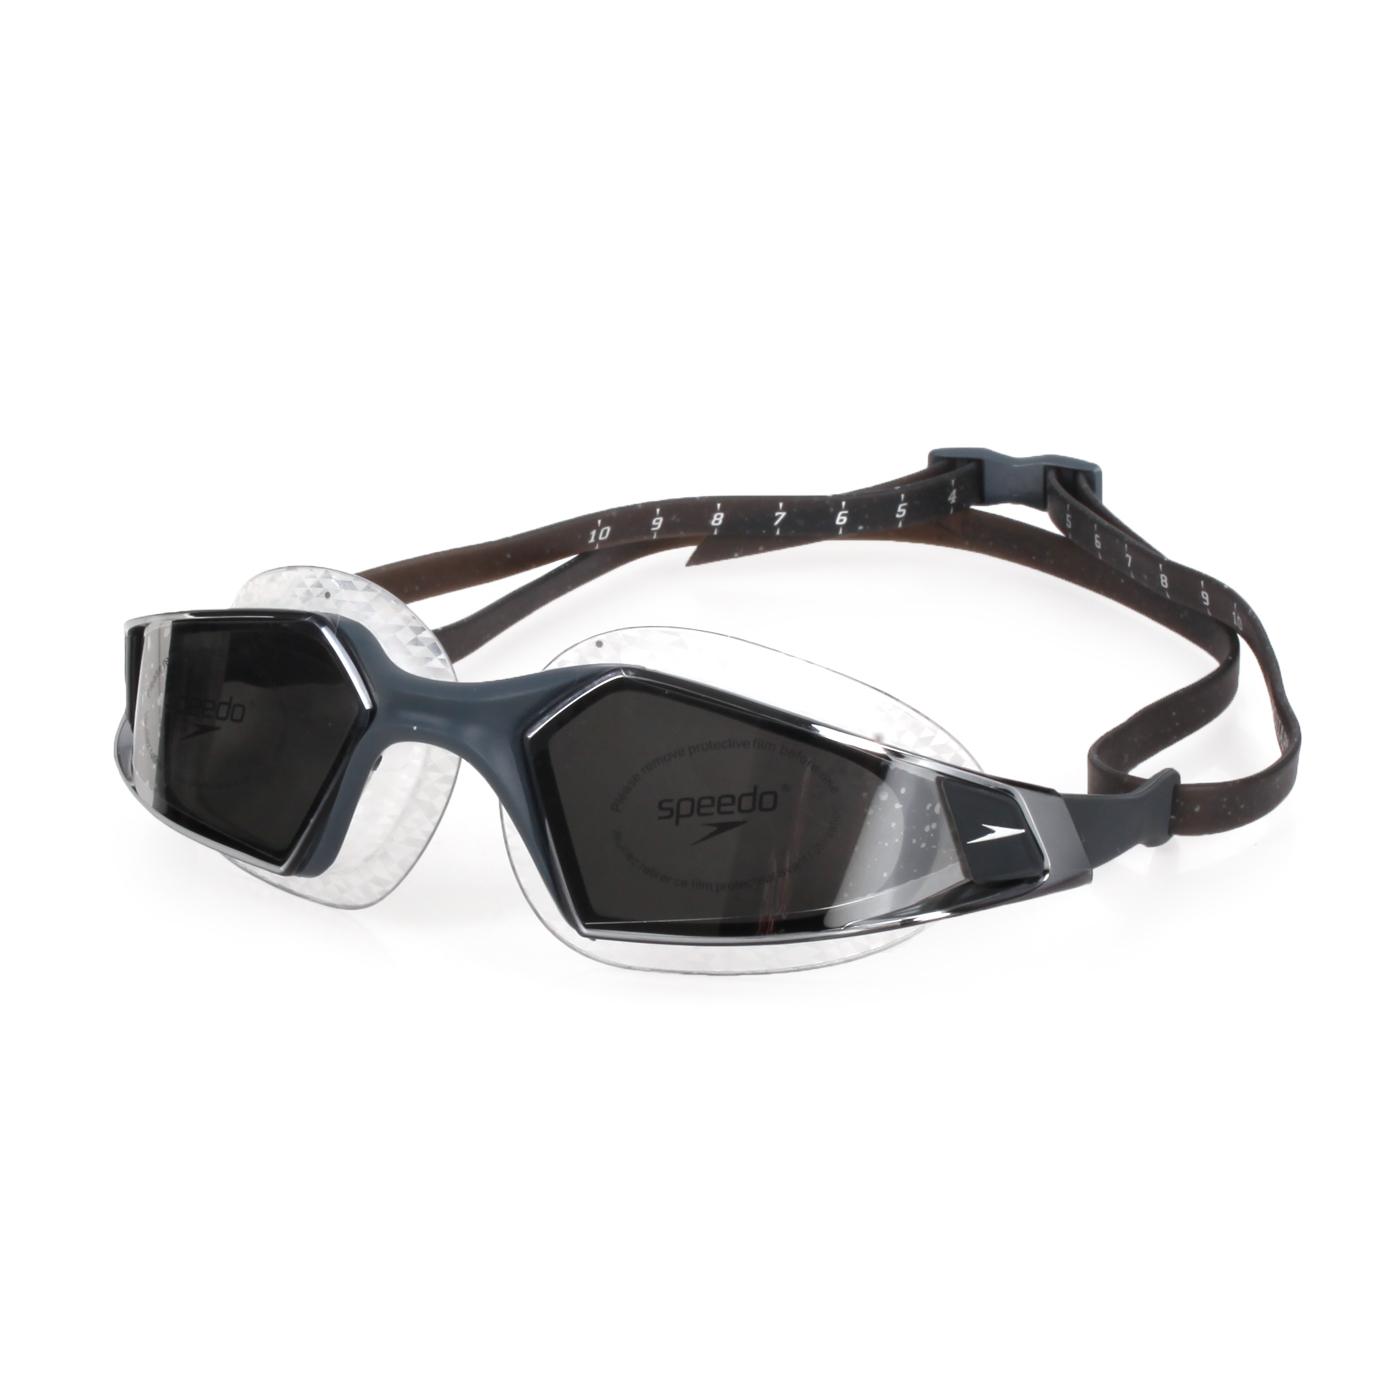 SPEEDO 成人運動泳鏡 鏡面 Aquapulse Pro SD812265D637 - 深灰銀